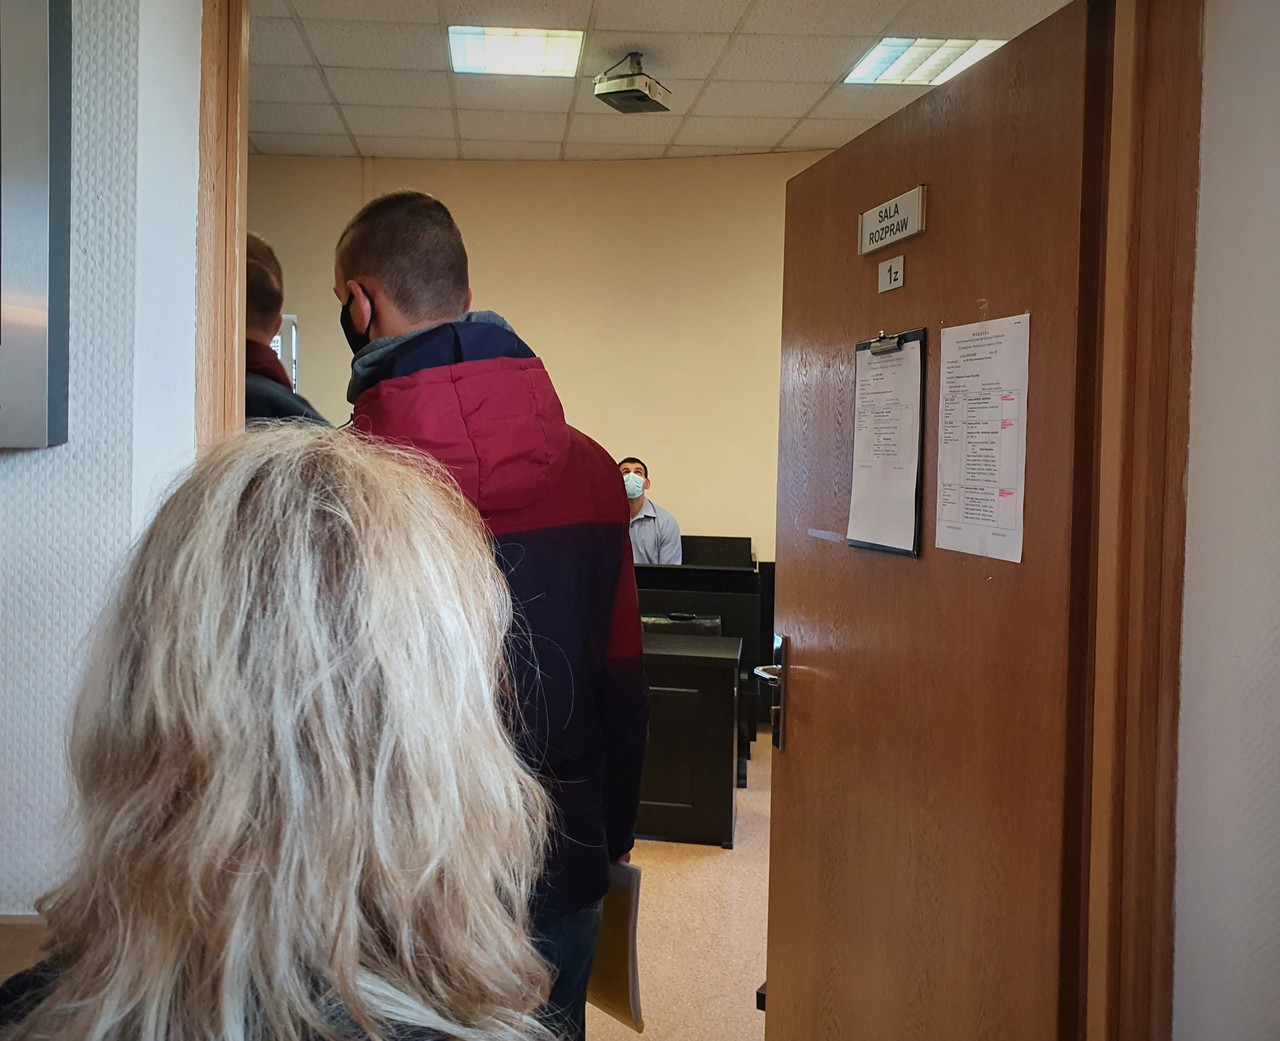 Brutalne pobicie we Władysławowie: jeden ze sprawców stanął przed sądem